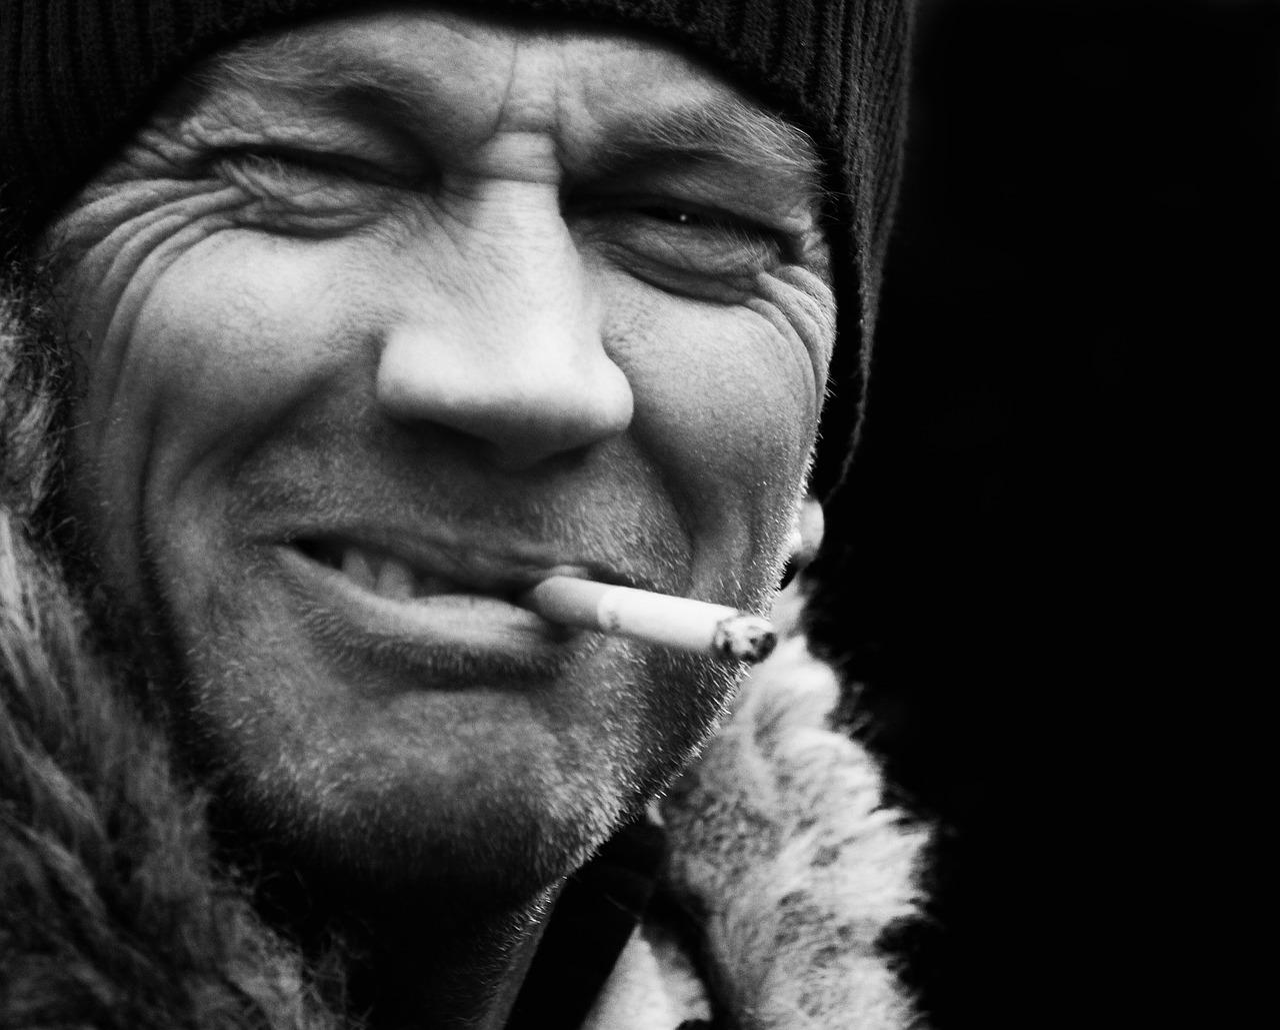 Утро, прикольные картинки с сигаретой в зубах